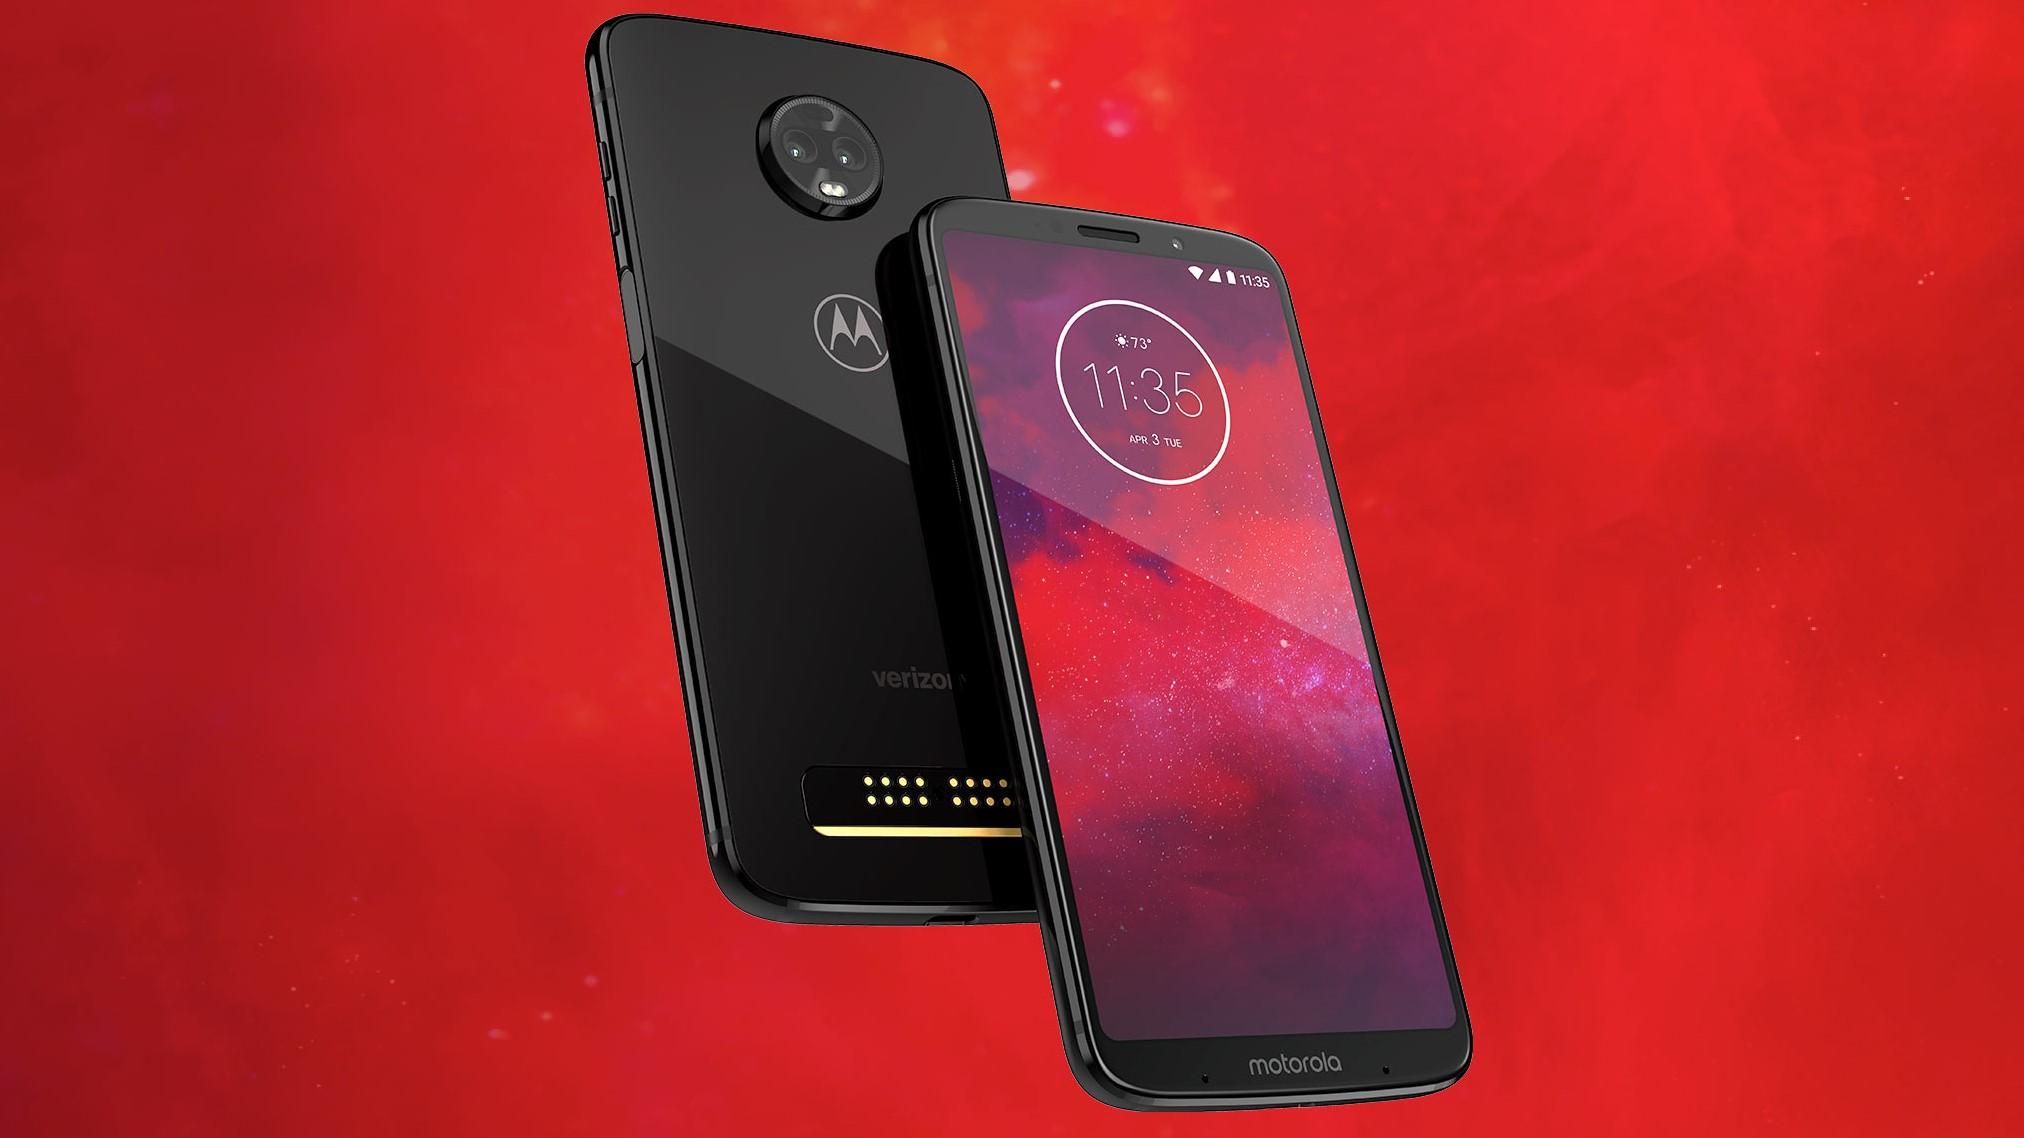 Motorola влиза смело в бъдещето с първия 5G смартфон - Moto Z3